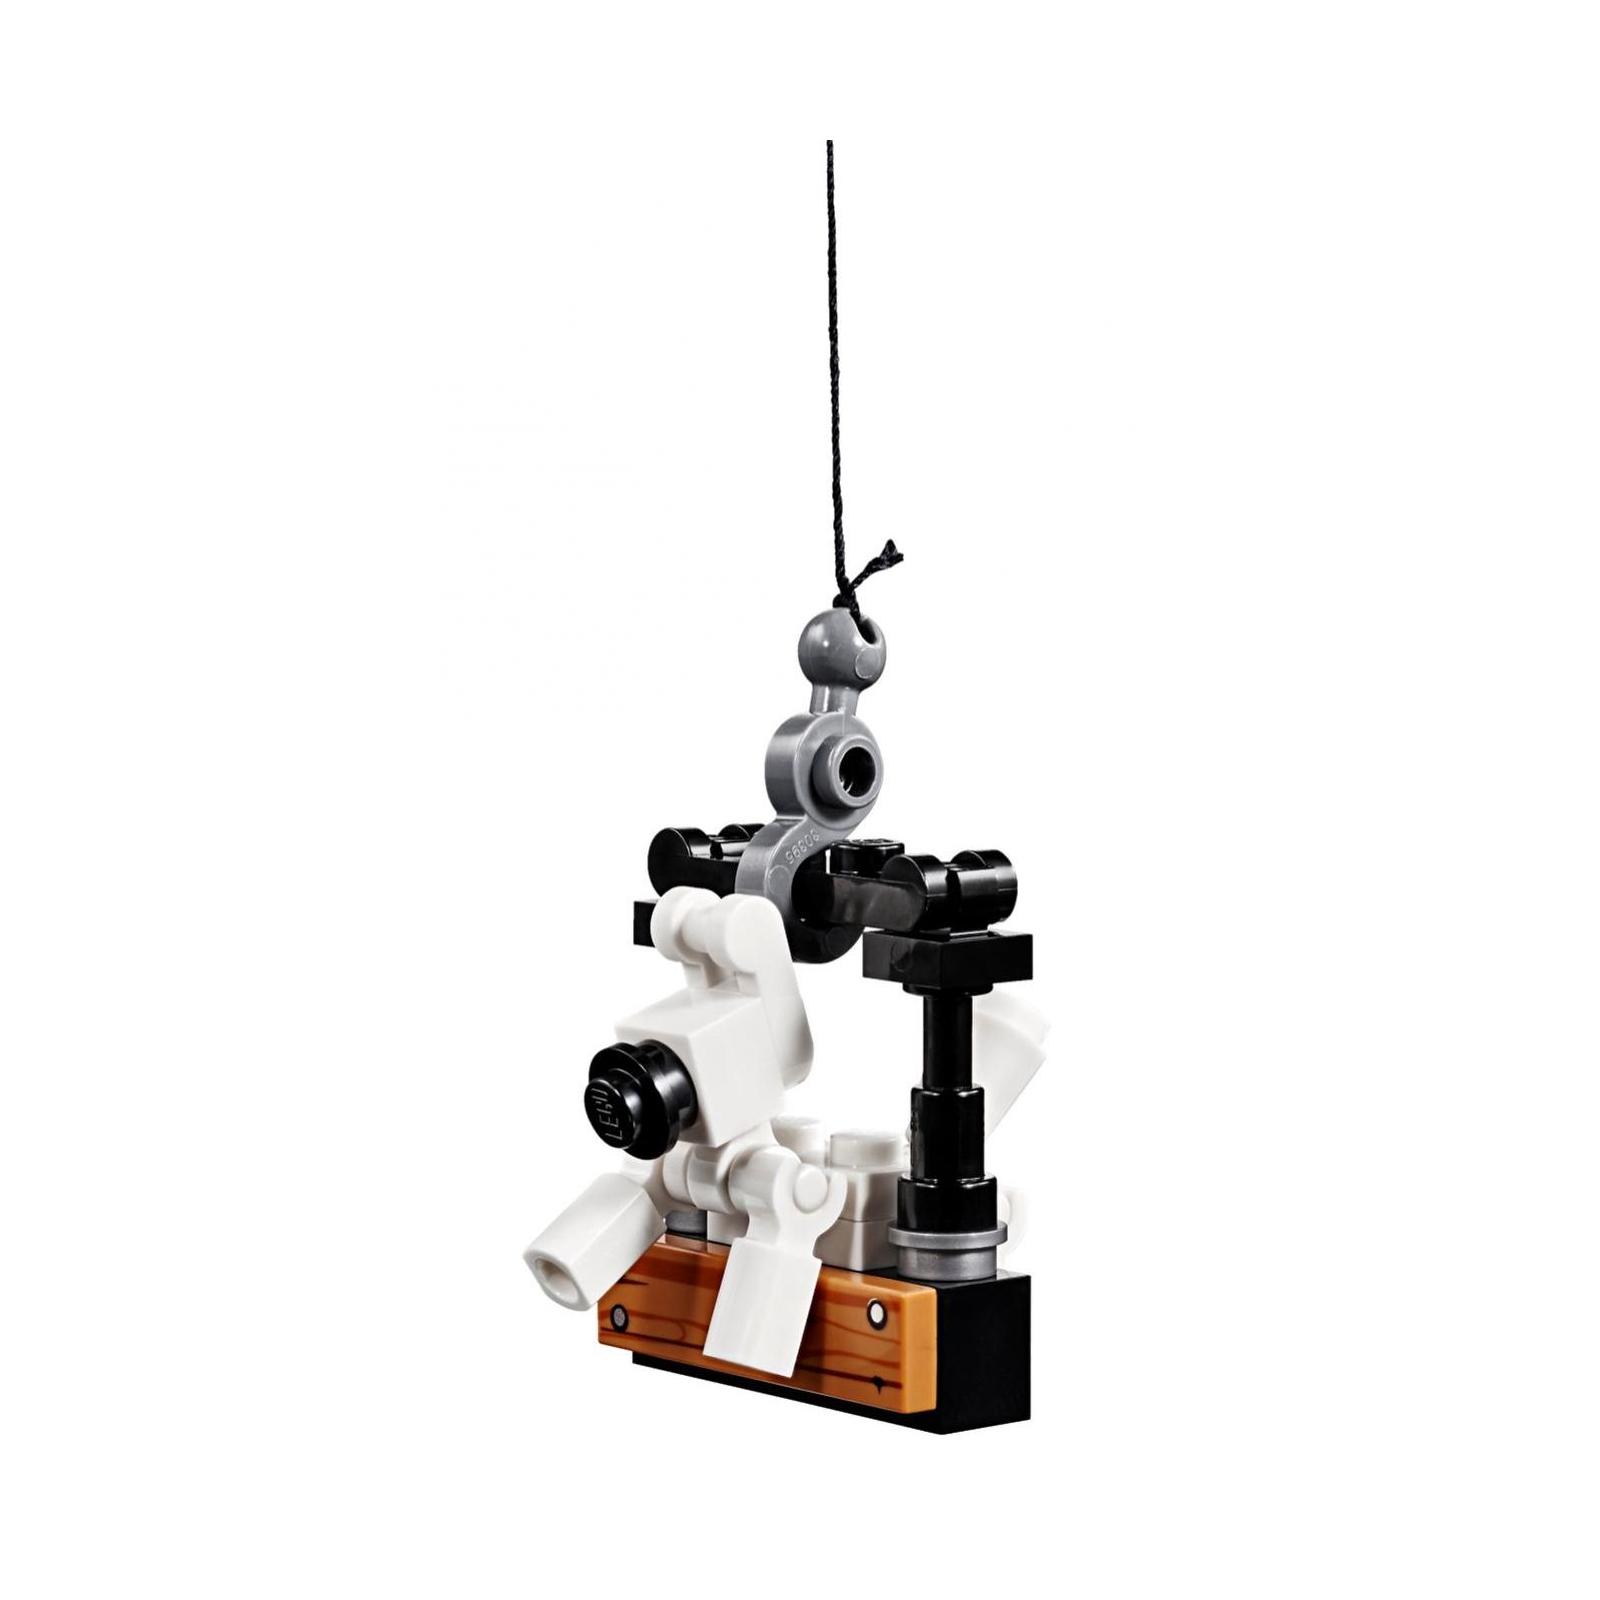 Конструктор LEGO Creator Приключения в глуши (31075) изображение 8